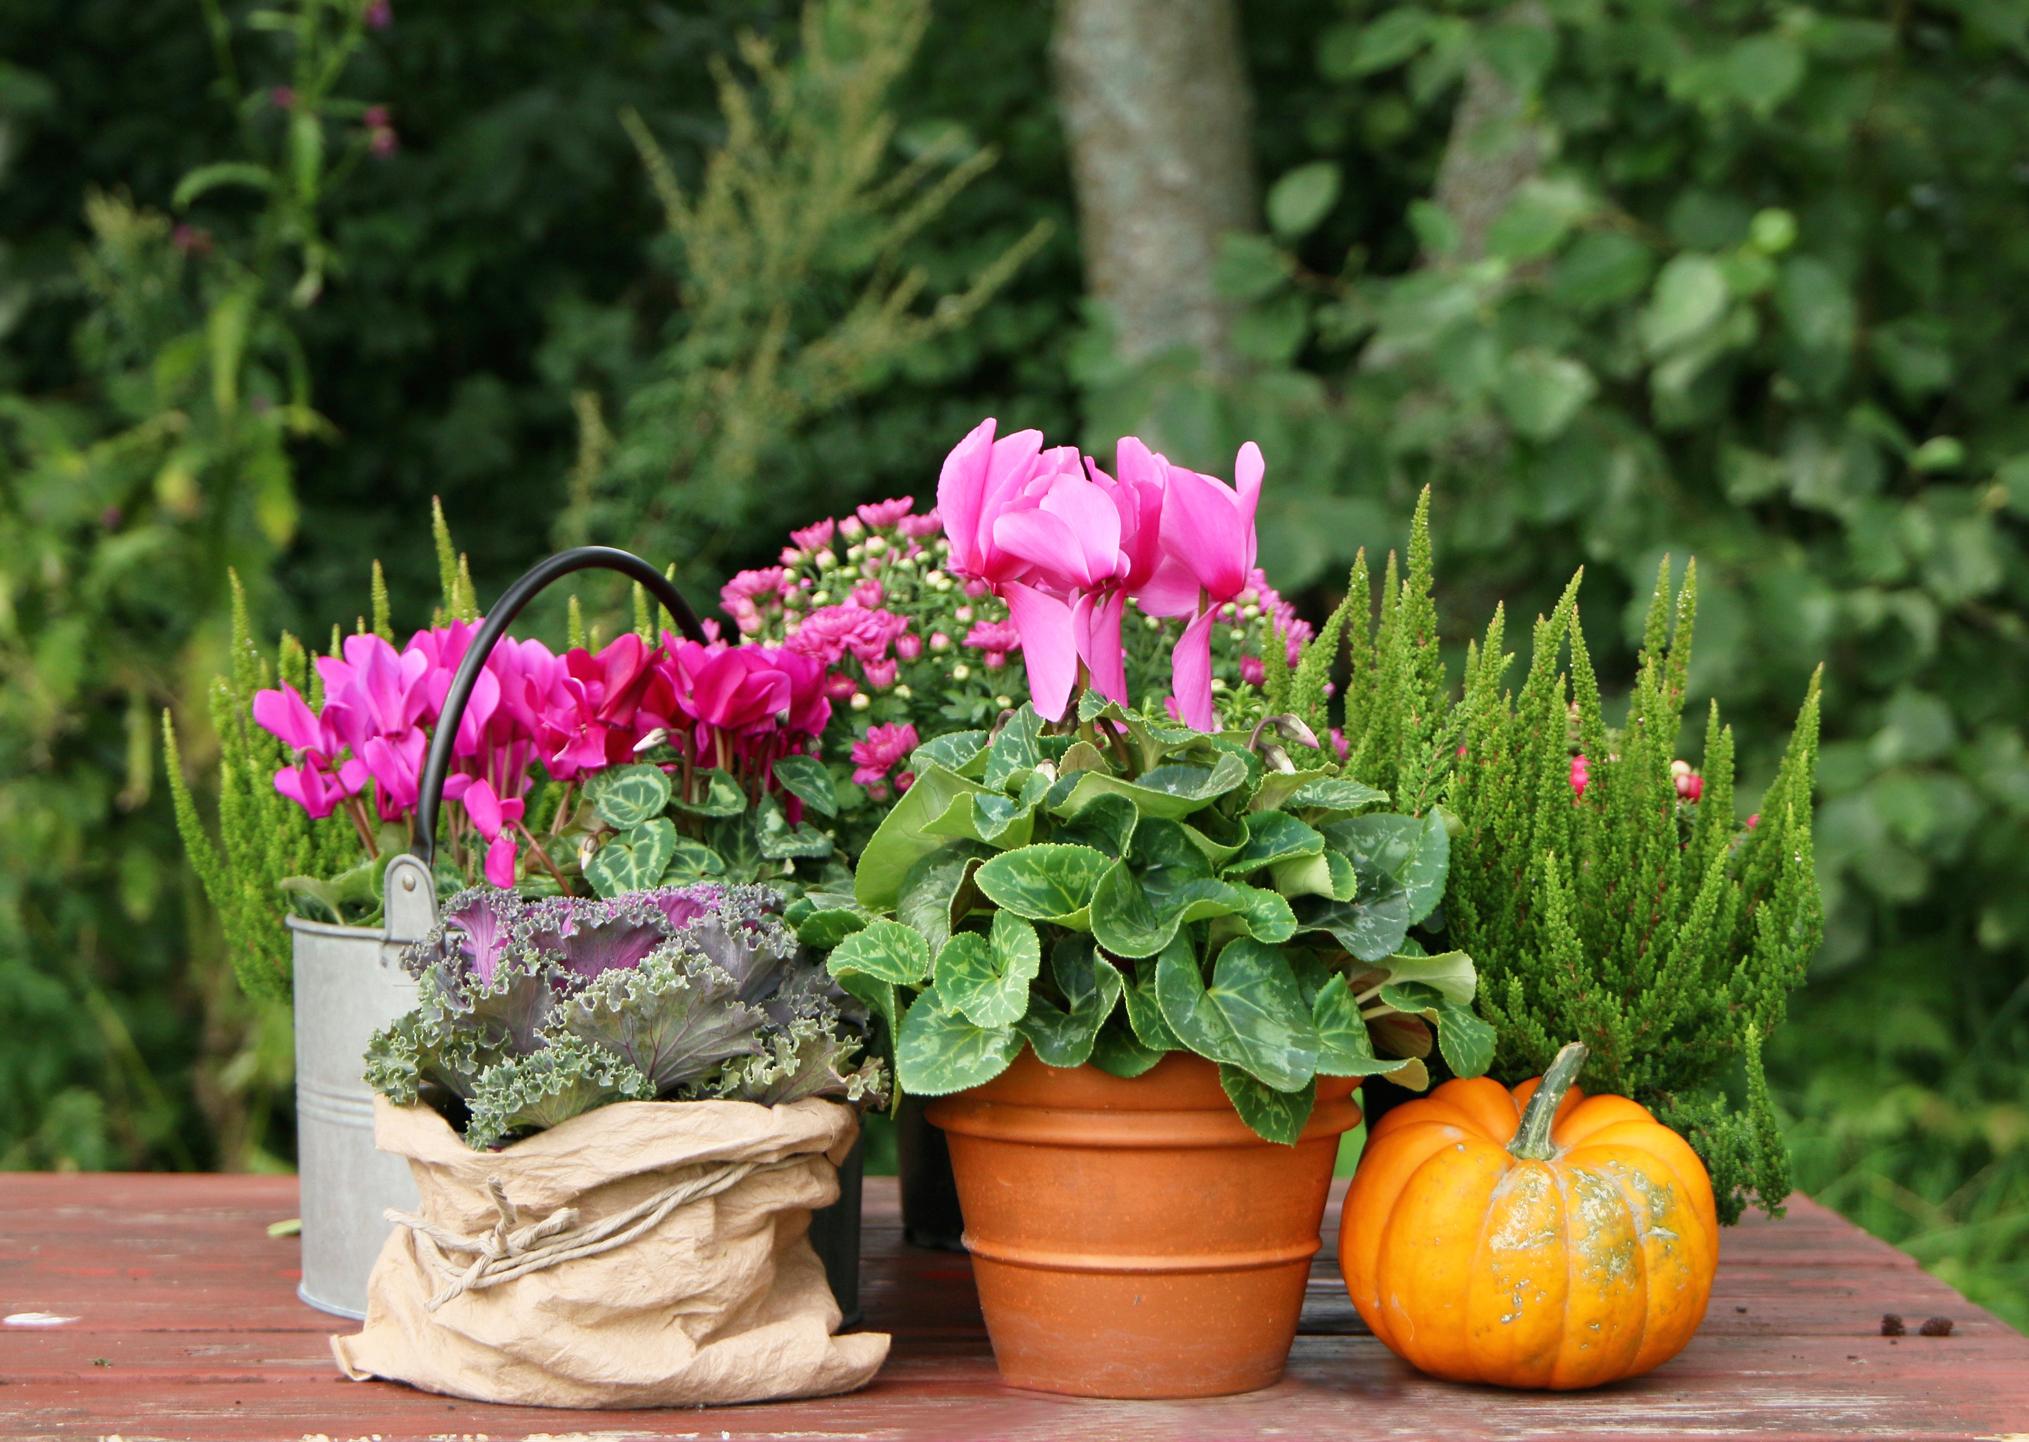 Kuvassa pöydällä on vaaleanpunaisia syyskukkia erilaisissa ruukuissa.